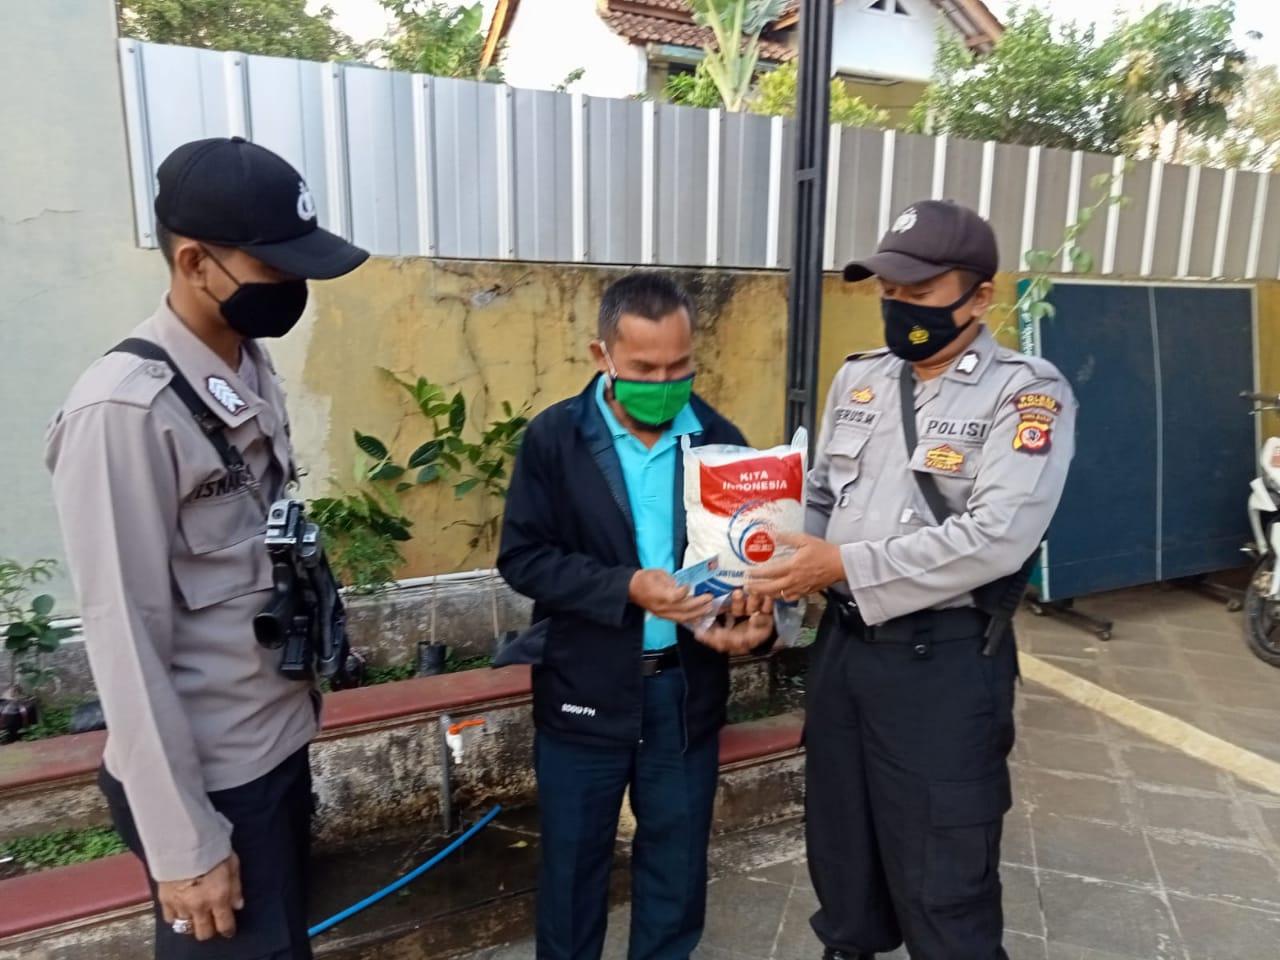 Peduli PPKM Darurat, Bhabinkamtibmas Polsek Malausma Salurkan Bansos Berupa Bersama Kepada Warga